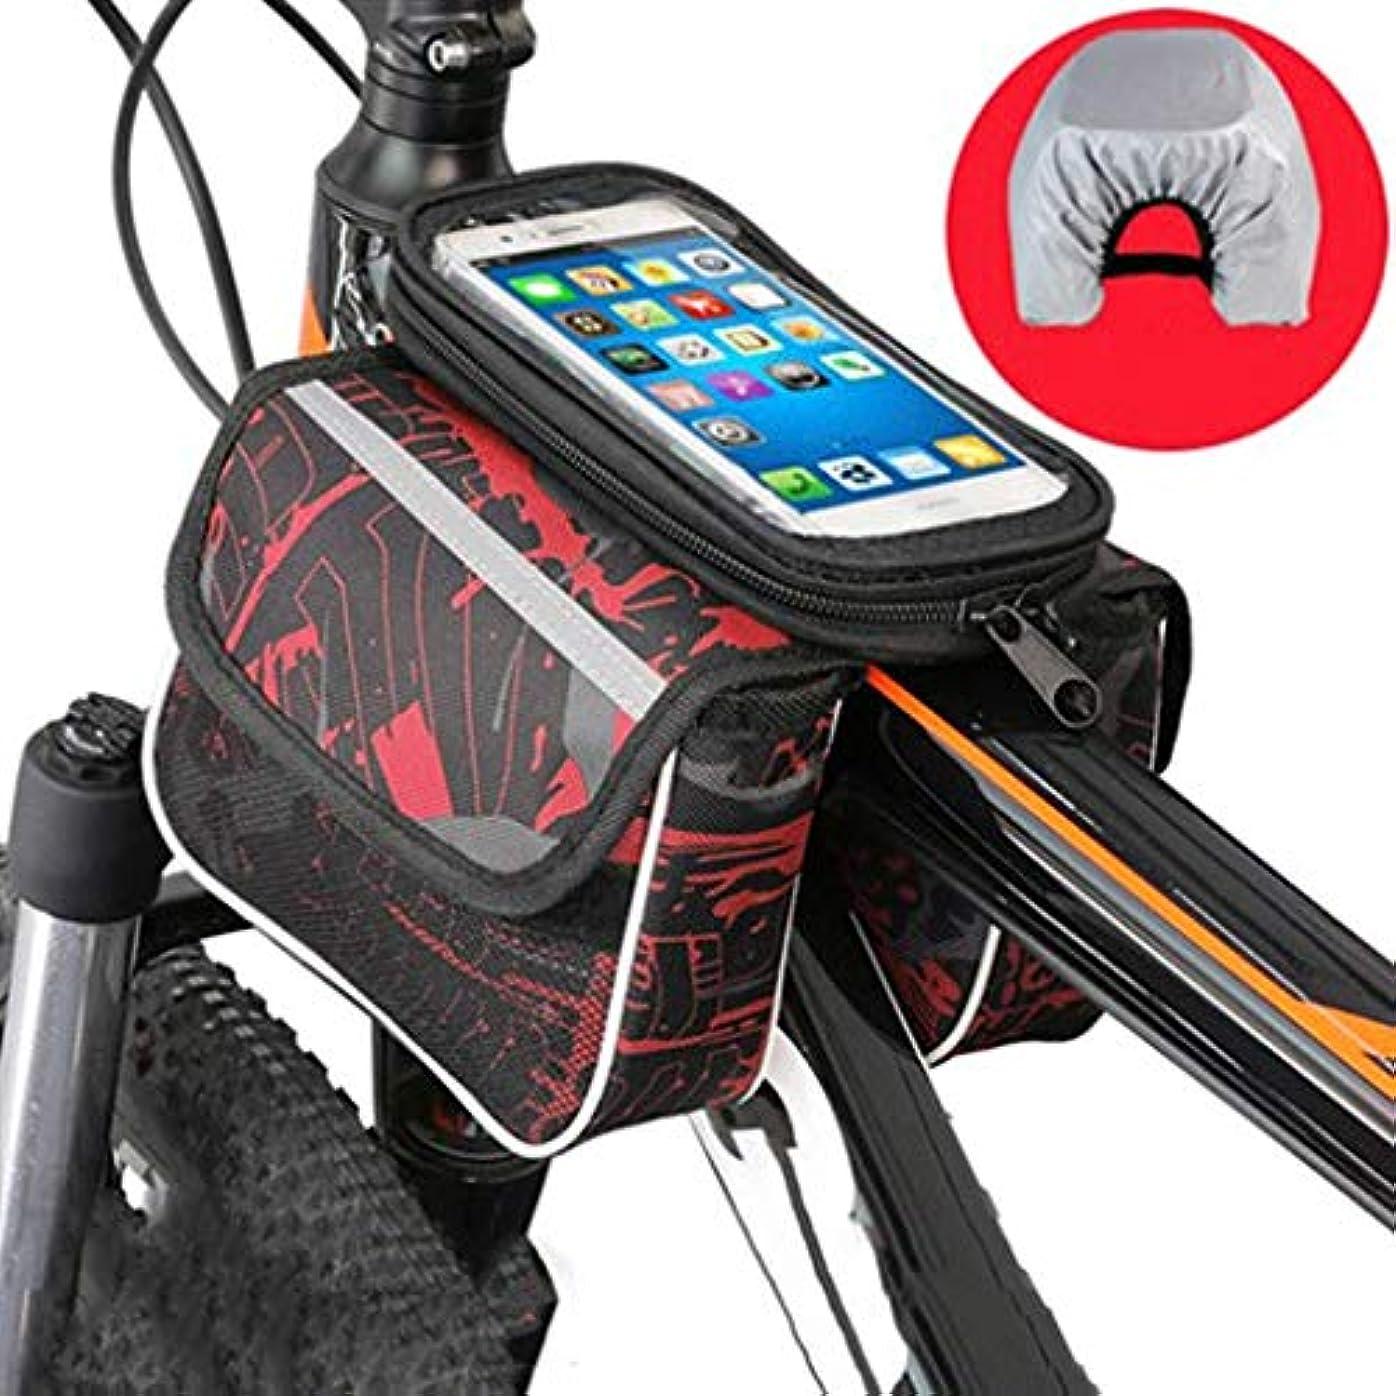 虹対象プロジェクタータッチスクリーンサンバイザー付き自転車電話のフロントフレームバッグ防水自転車トップチューブサイクリング電話マウントパック,赤